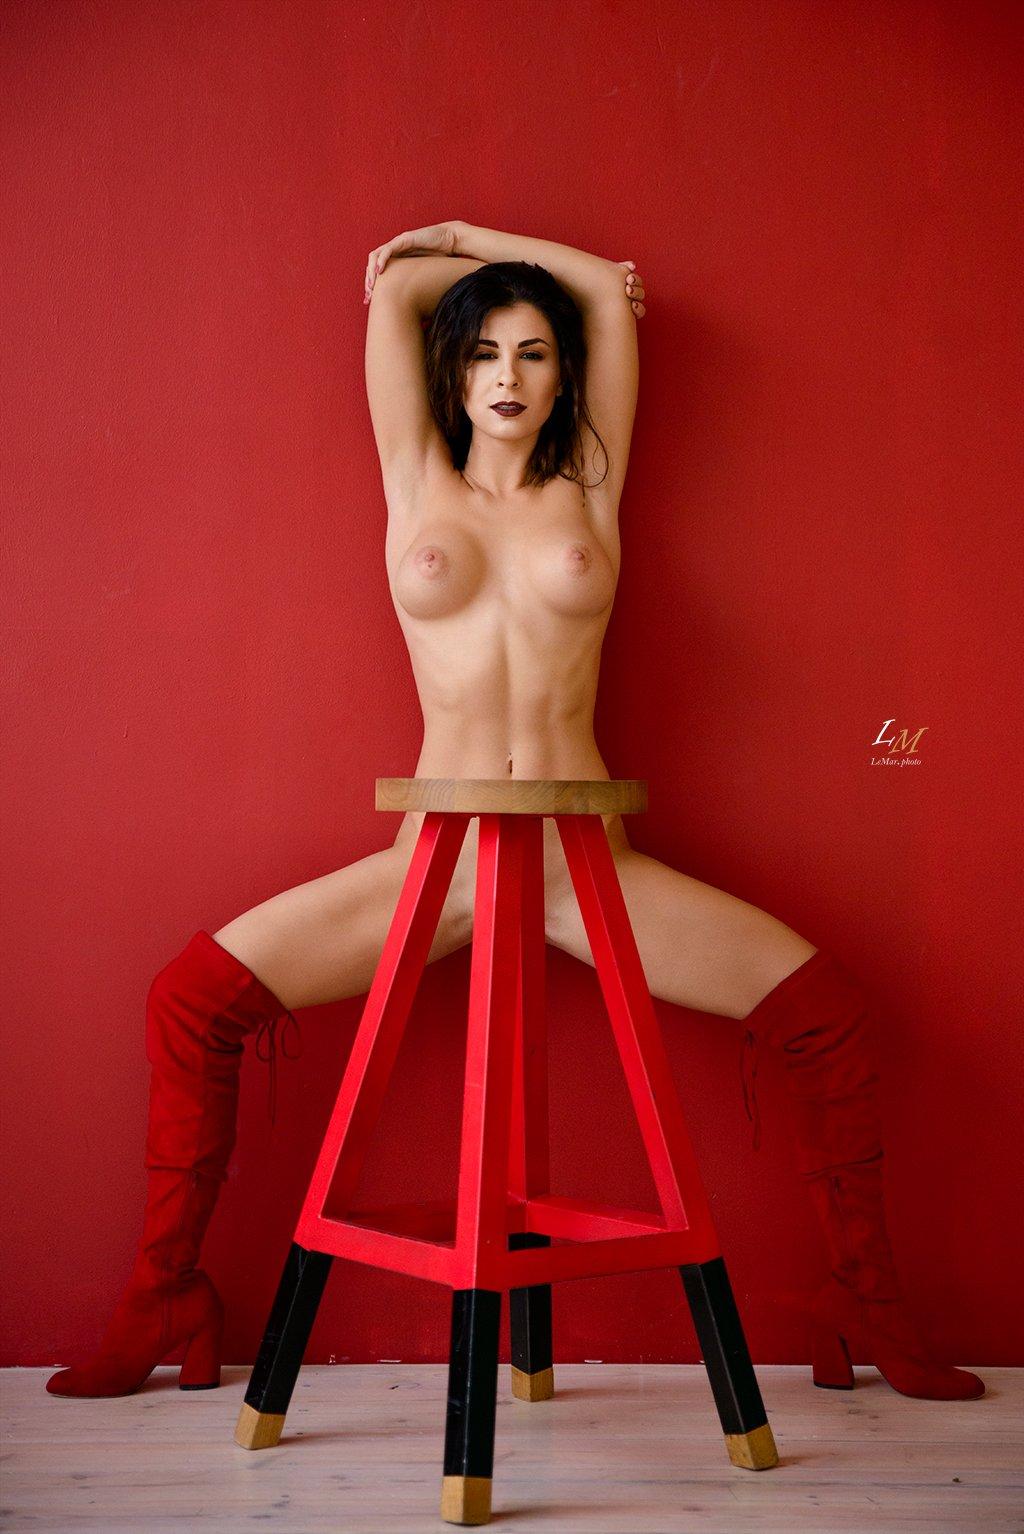 ню, студия, портрет, ню фотограф, москва, фотограф москва, ню фотограф, red, nude, Маркачев Леонид